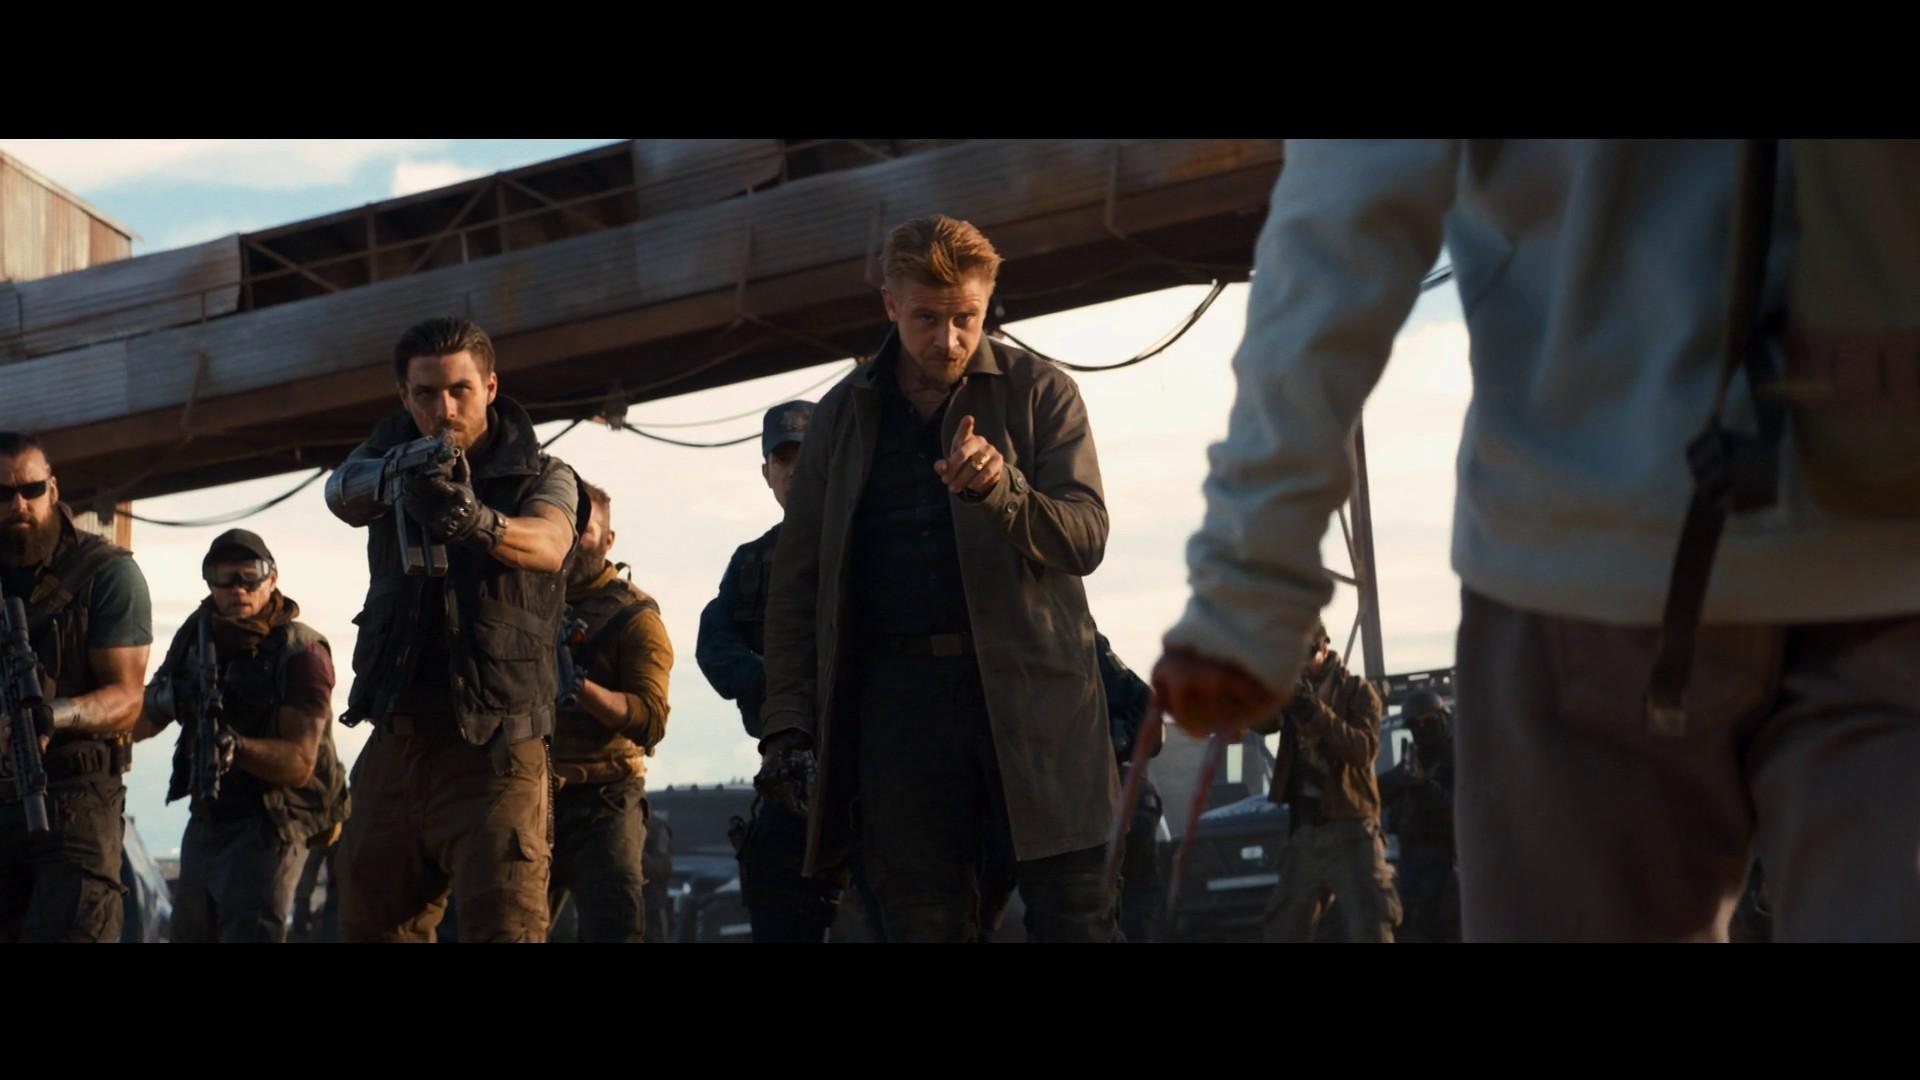 Logan - The Wolverine Trailer